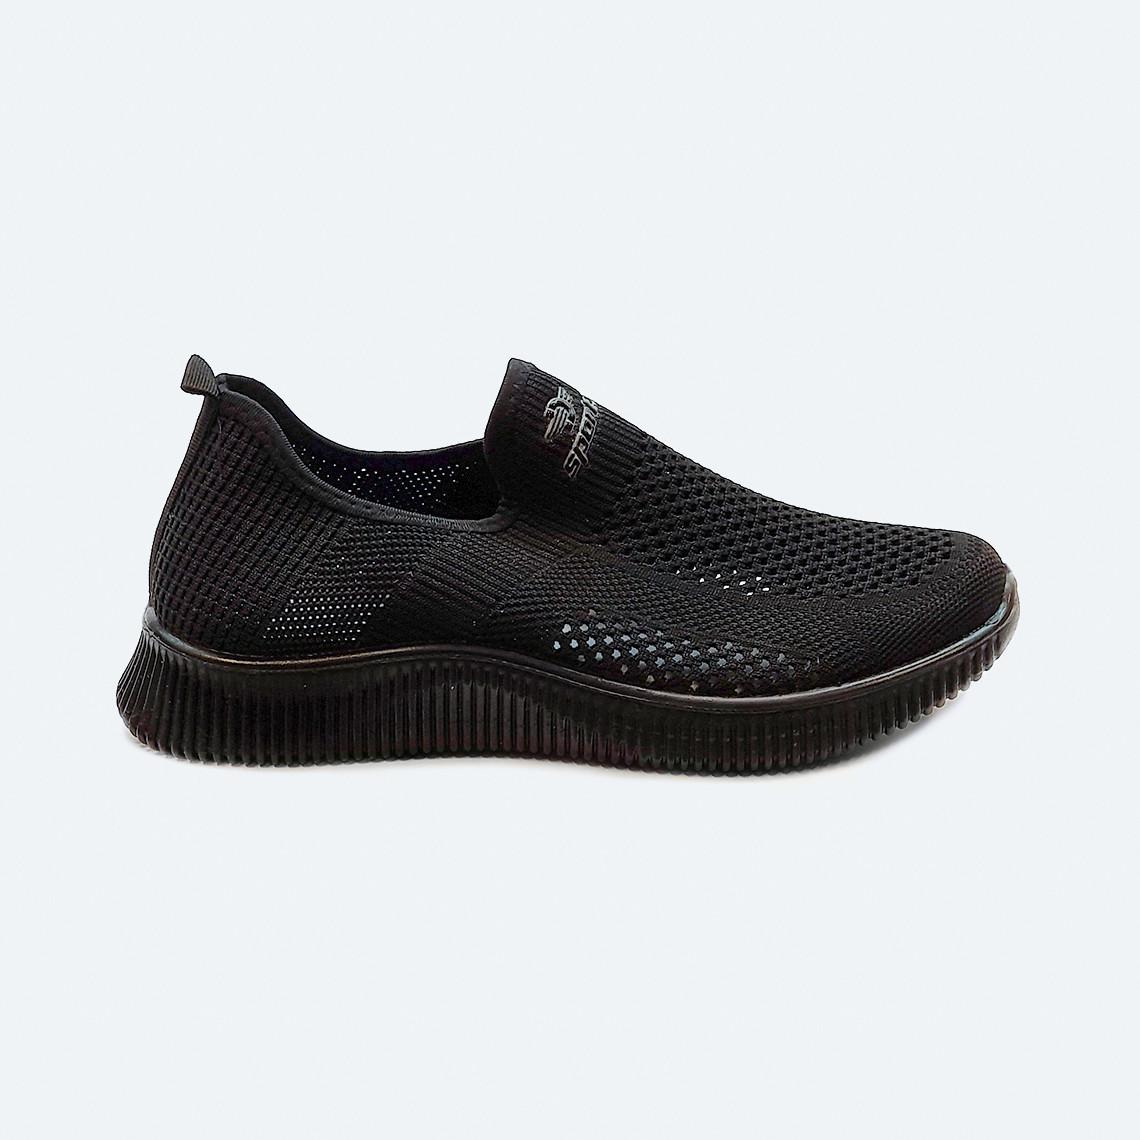 Мужские летние кроссовки текстильные черные без шнурков